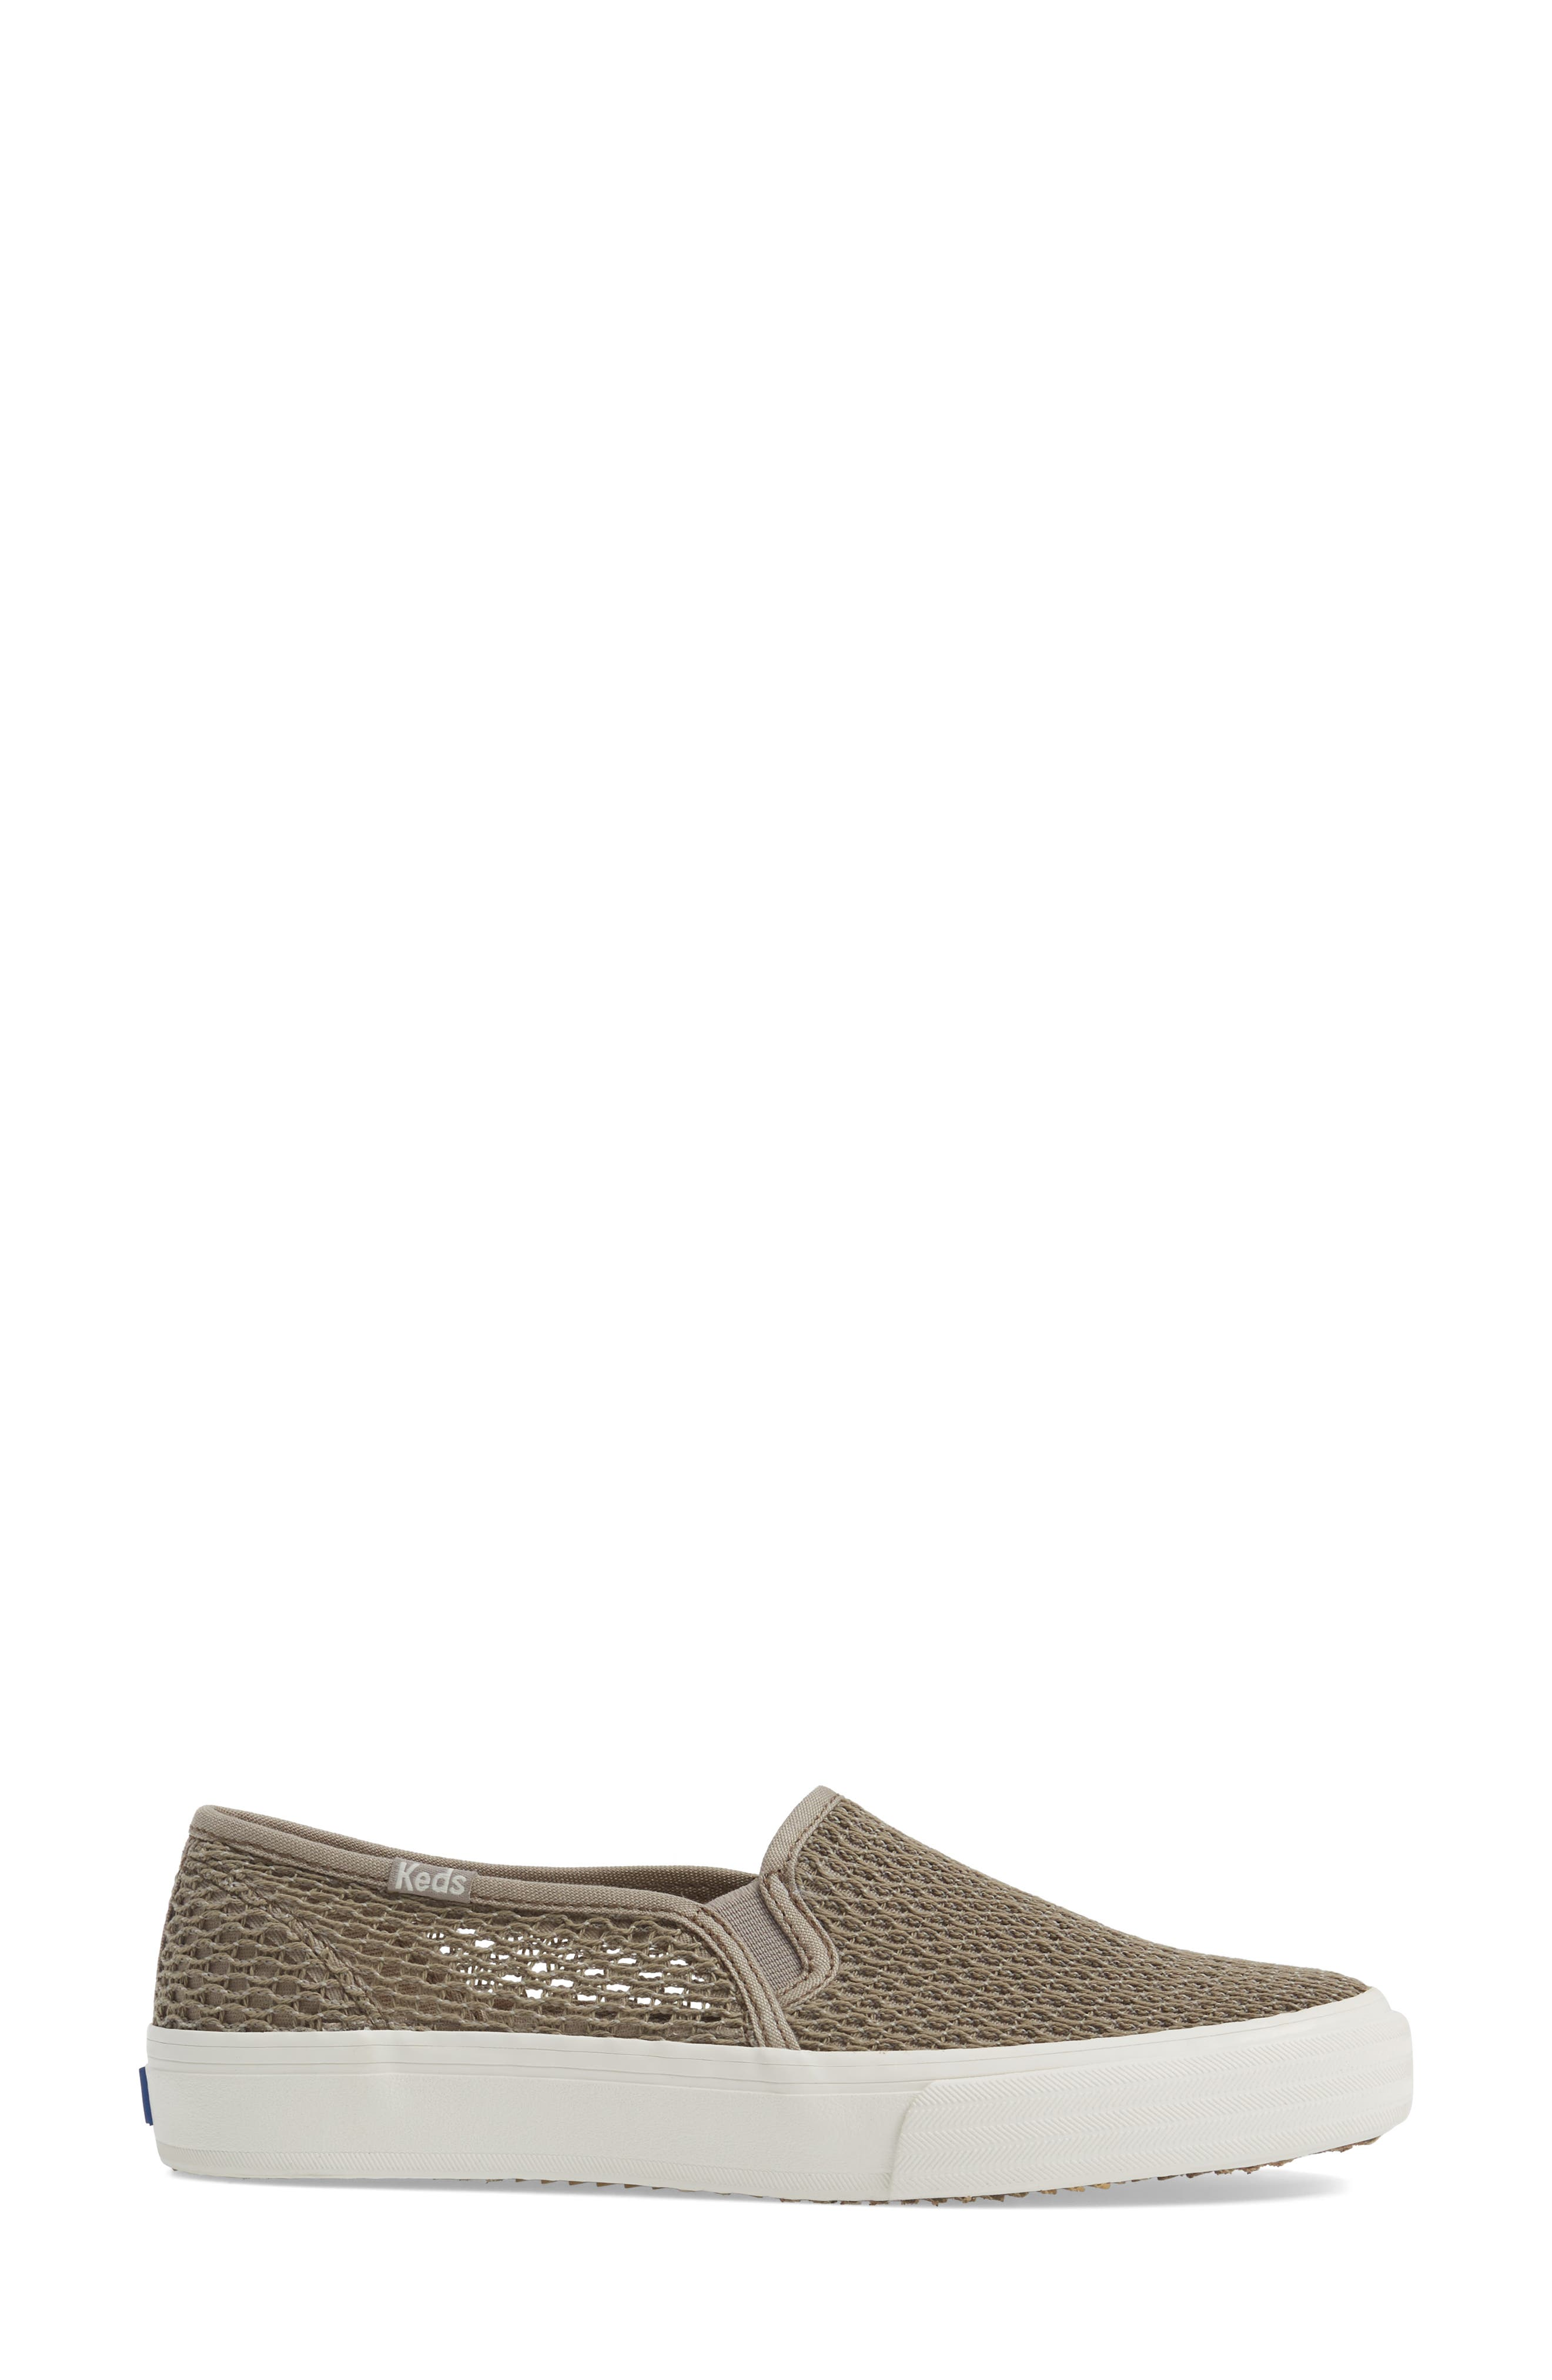 Double Decker Crochet Slip-On Sneaker,                             Alternate thumbnail 3, color,                             250